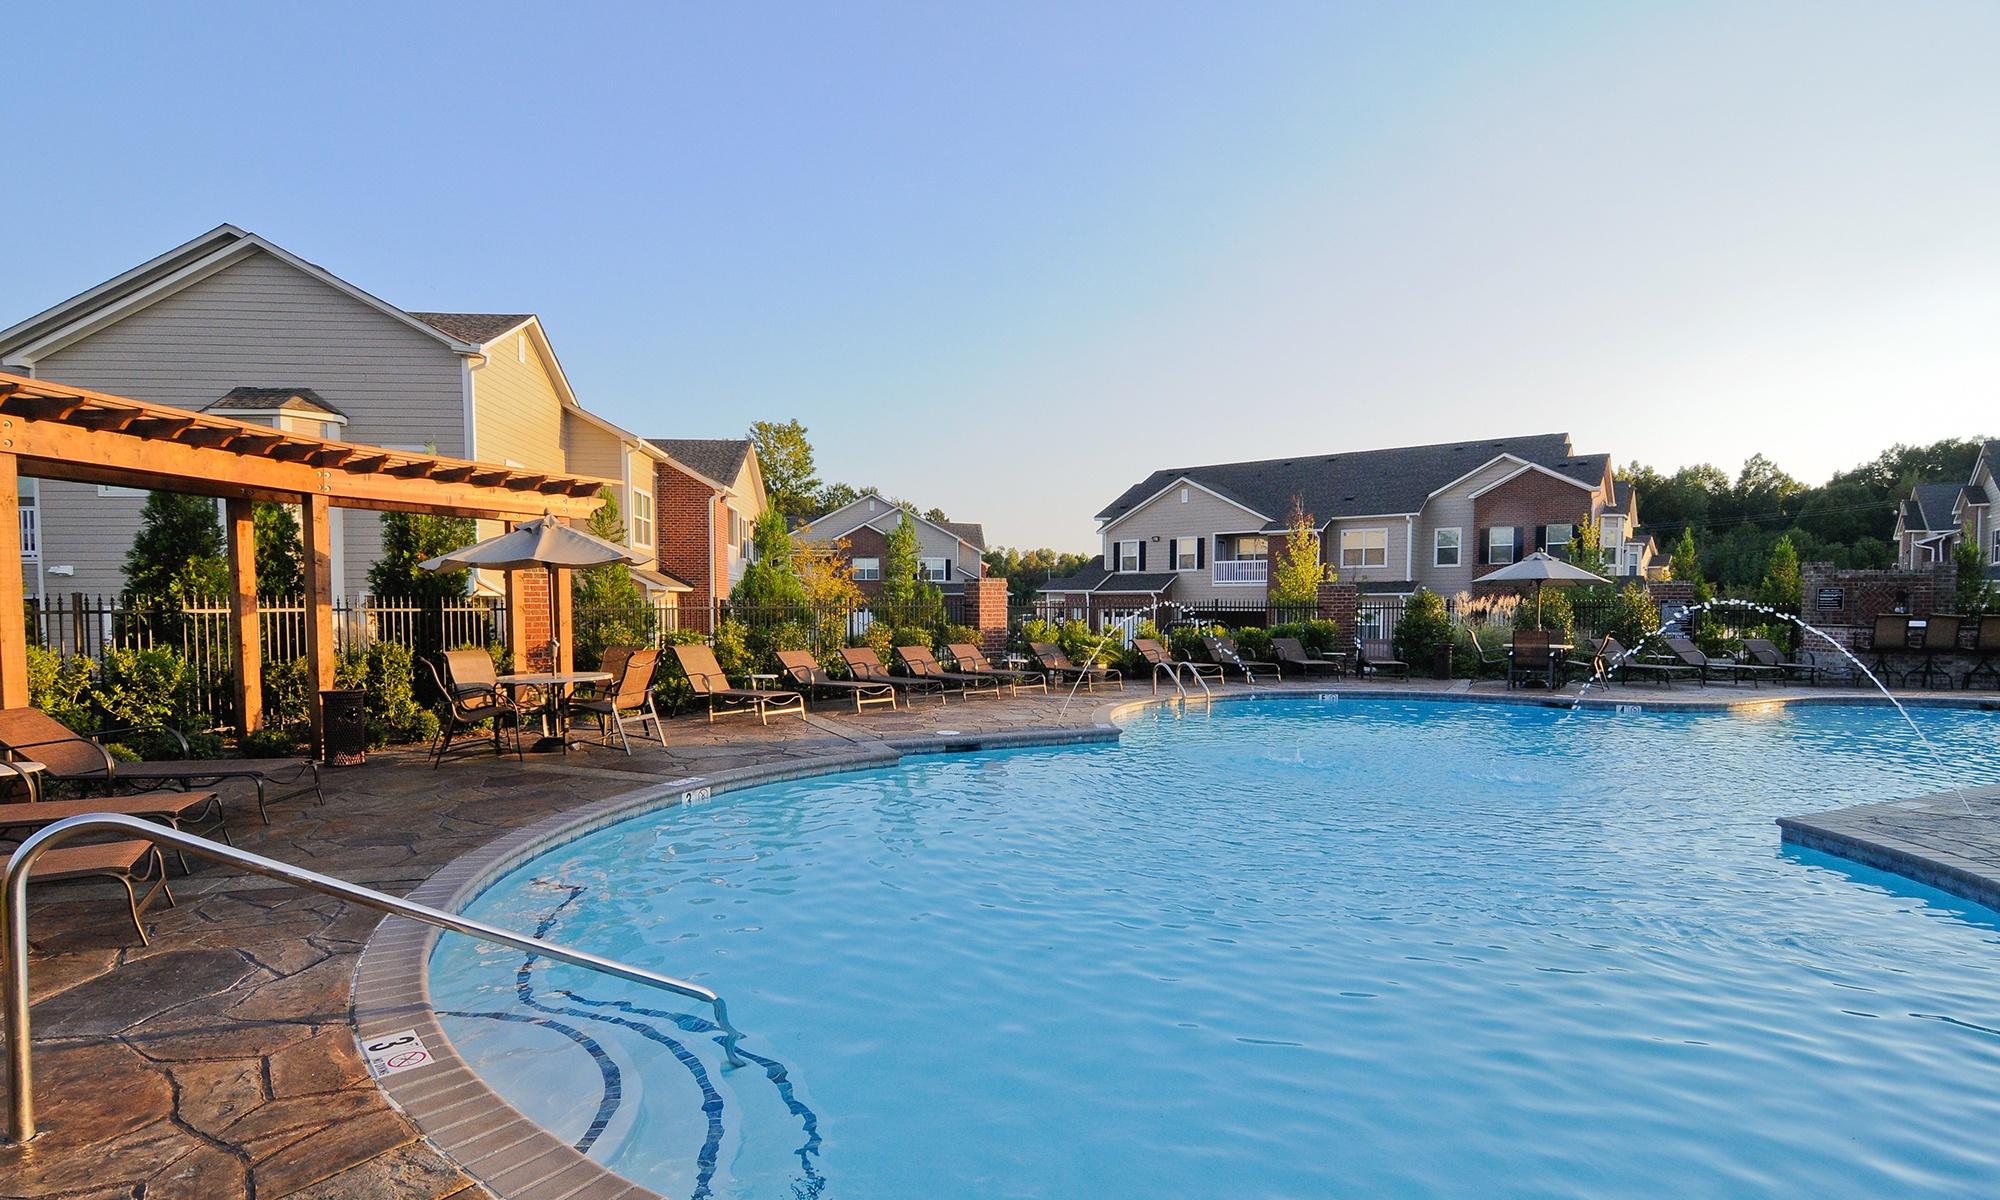 Apartments in Cordova, TN